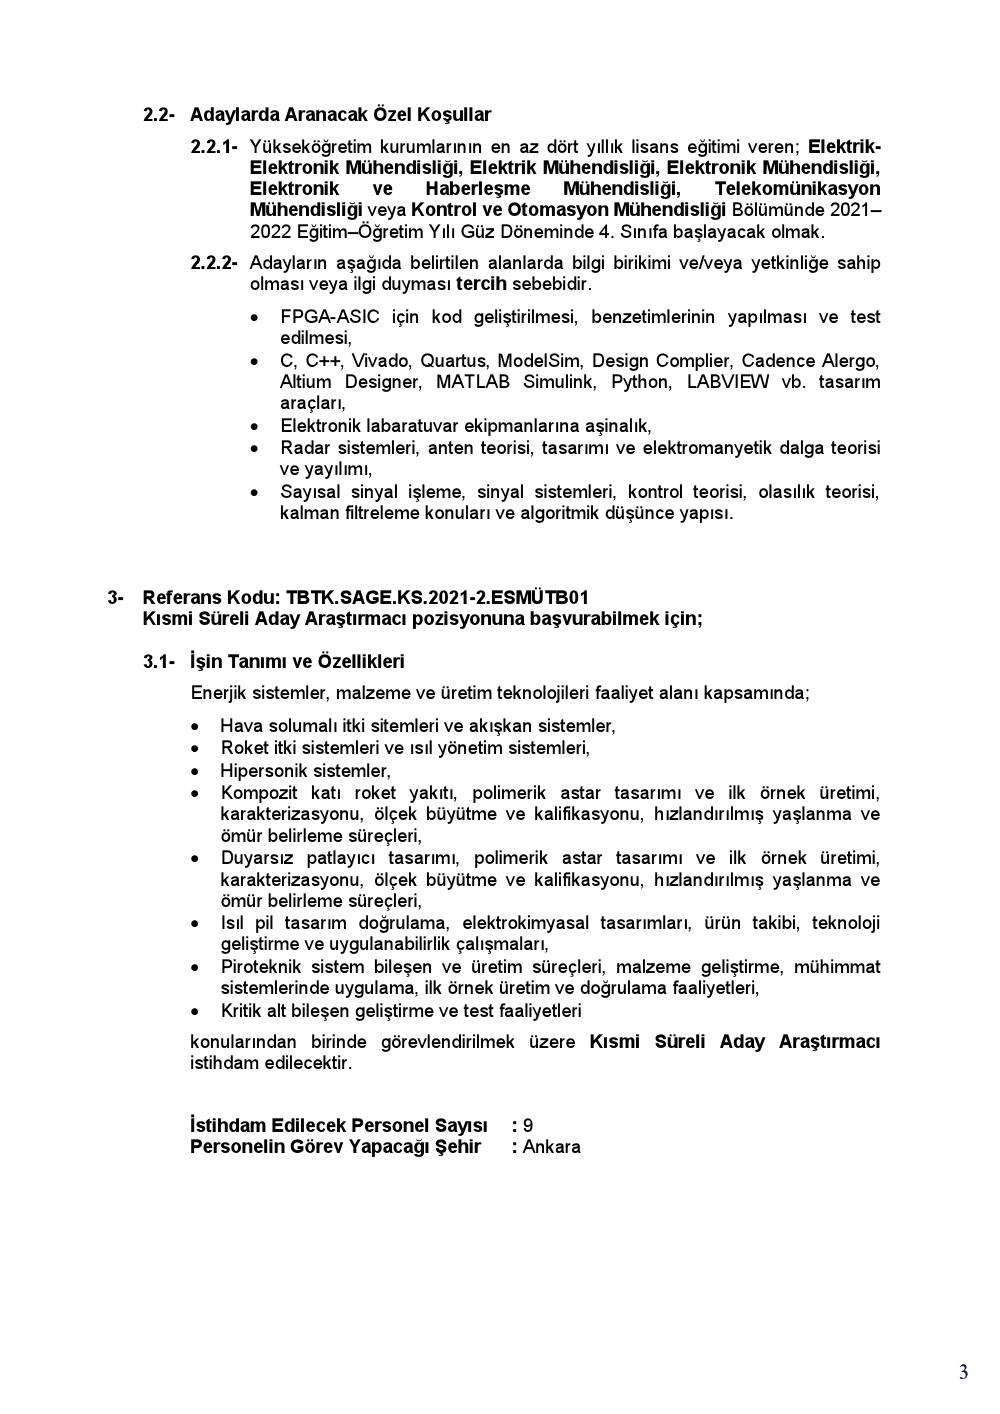 ankara-tubitak-sage-26-04-2021-000004.png